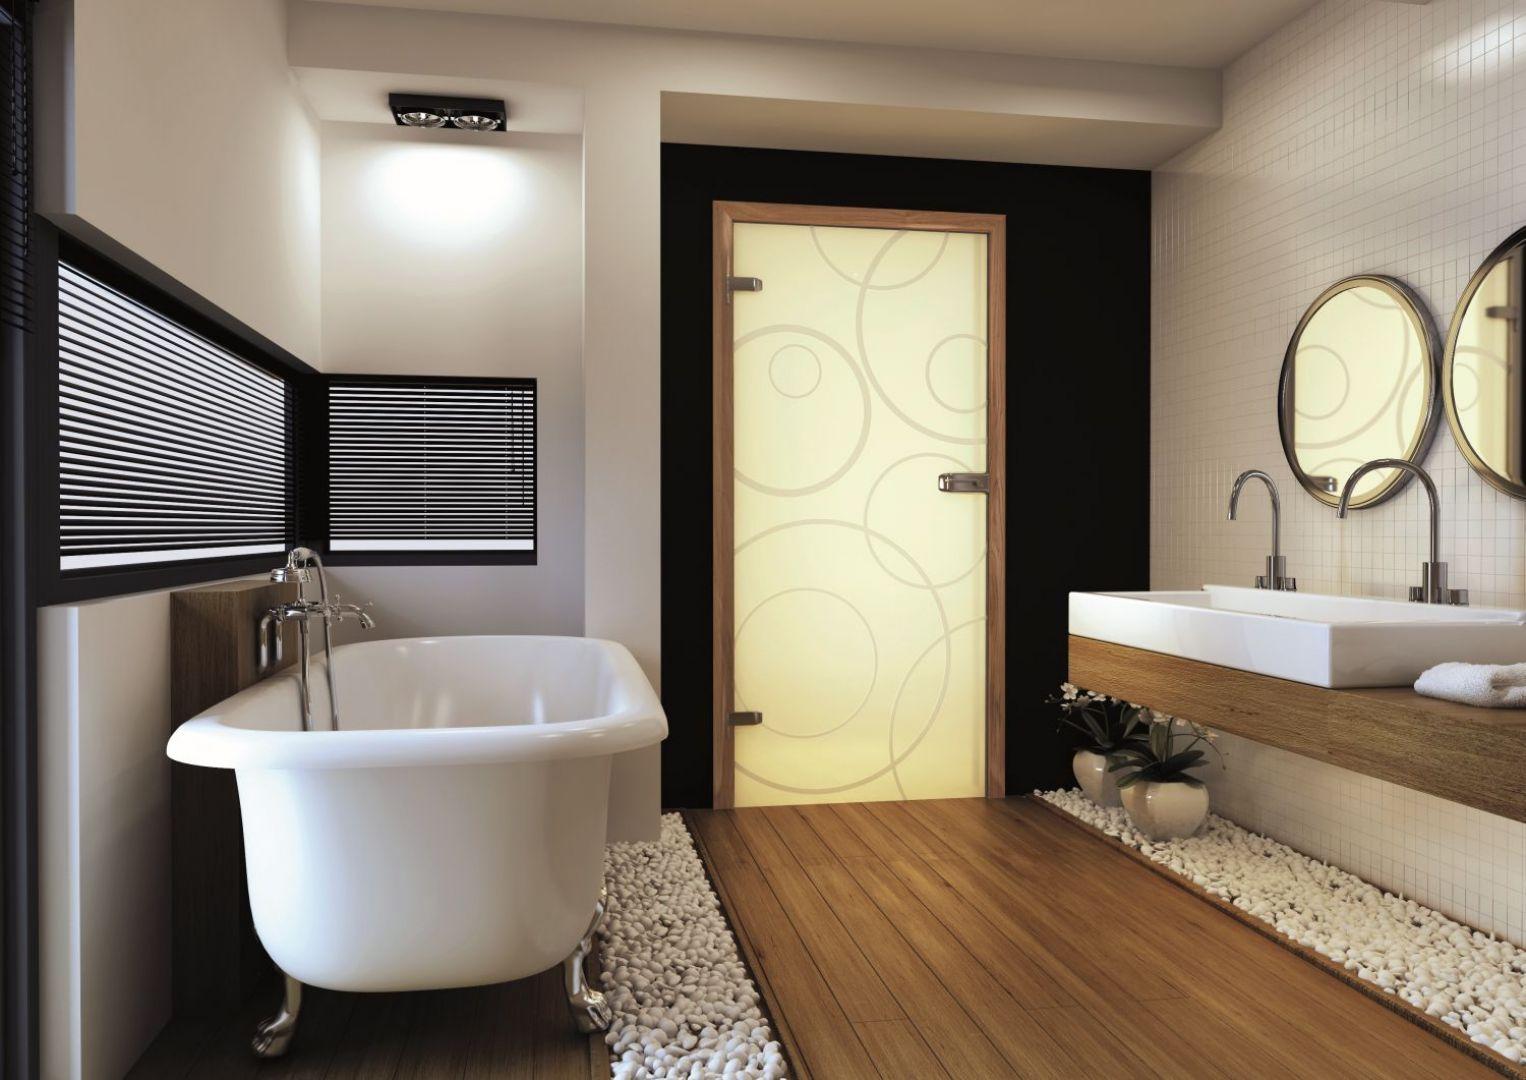 Drzwi do, często pozbawionej dostępu do naturalnego światła, często mają przeszklenia lub też są w całości szklane. Na zdjęciu drzwi Amber marki Invado. Fot. Invado